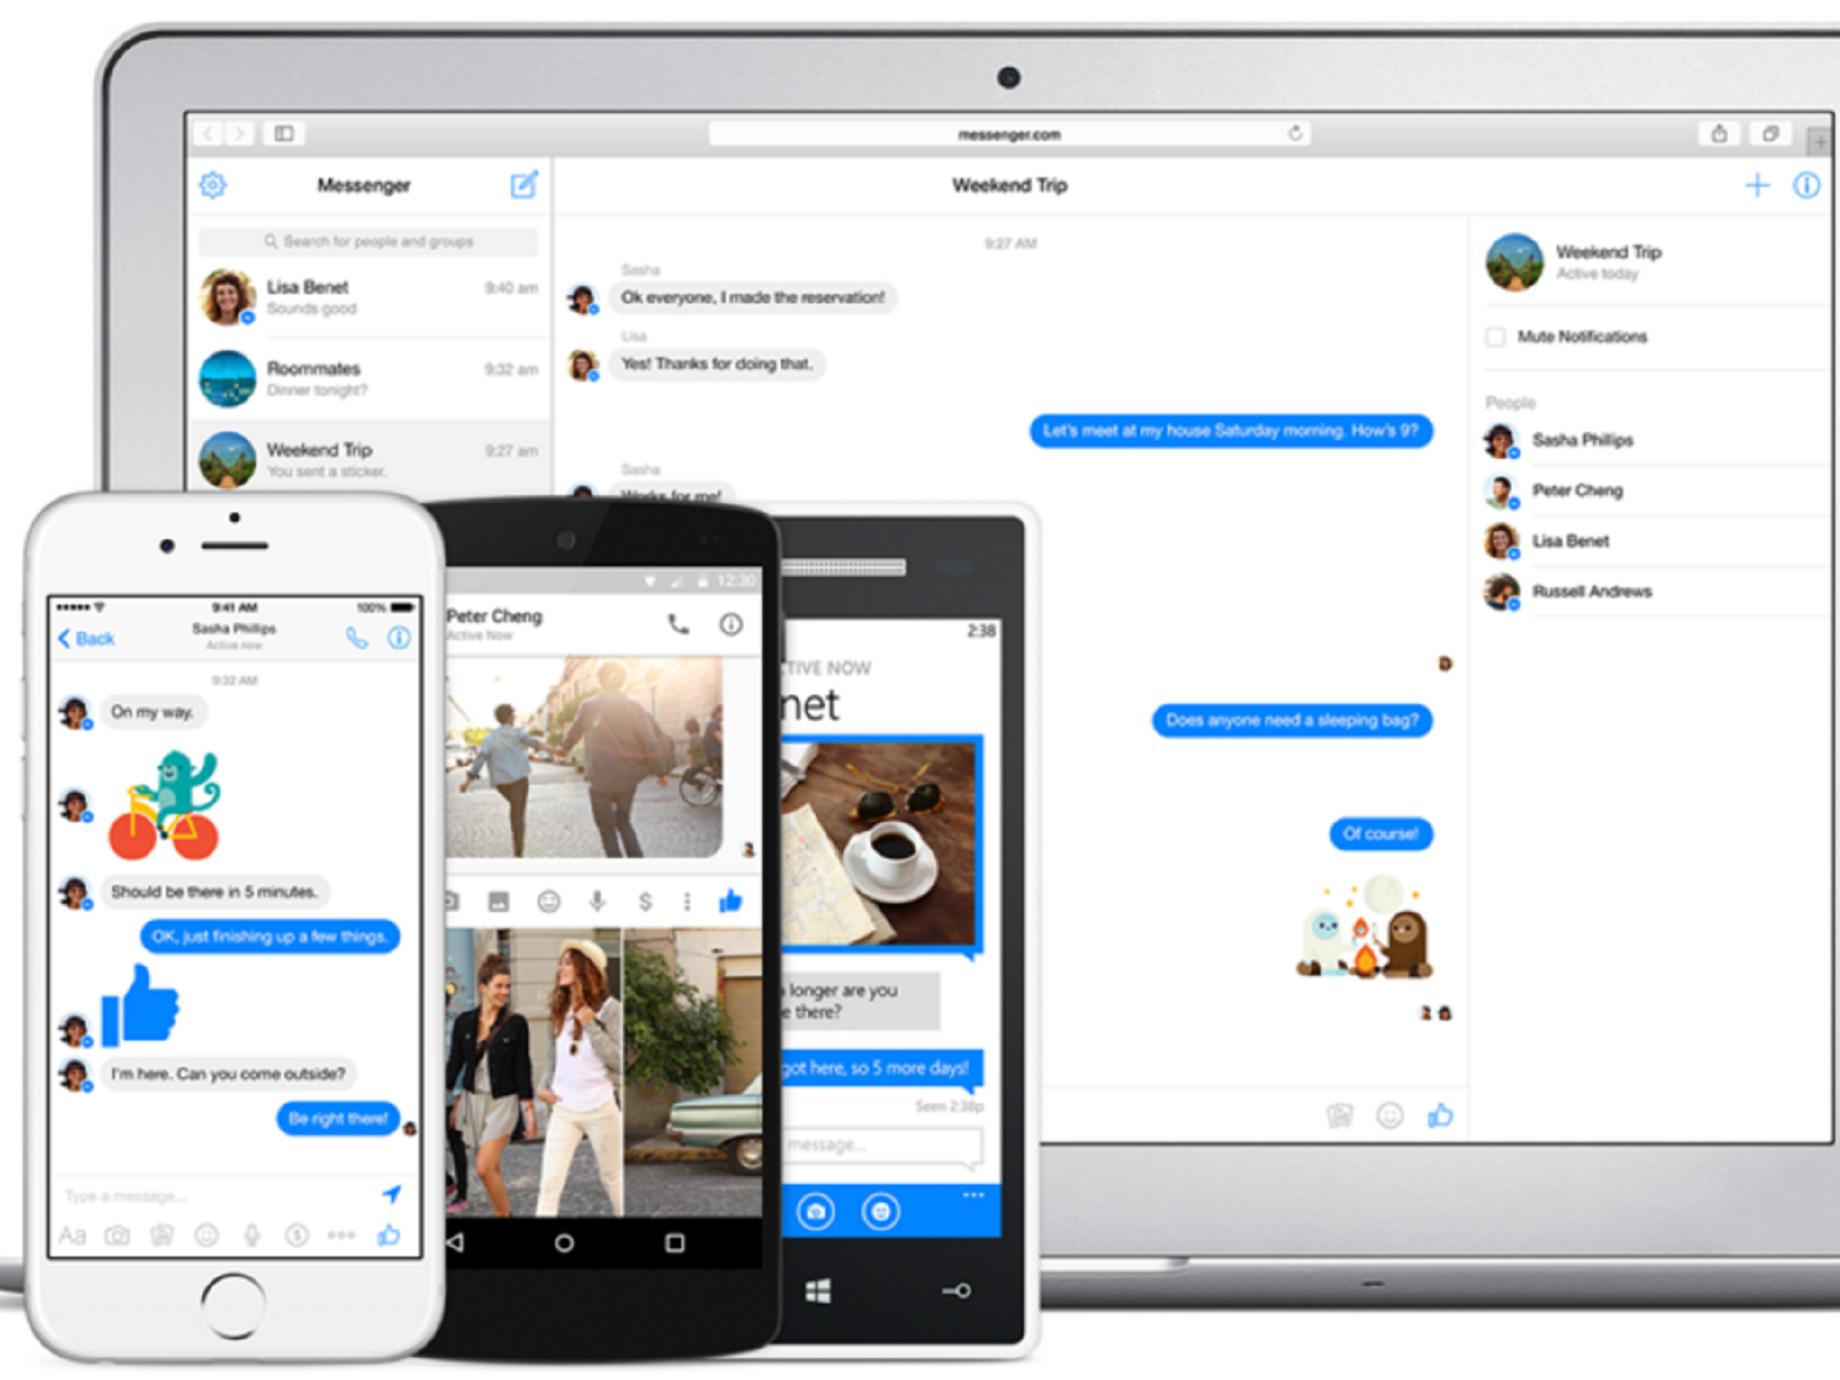 八億活用人次的Facebook Messenger的,新的一年想做什麼?